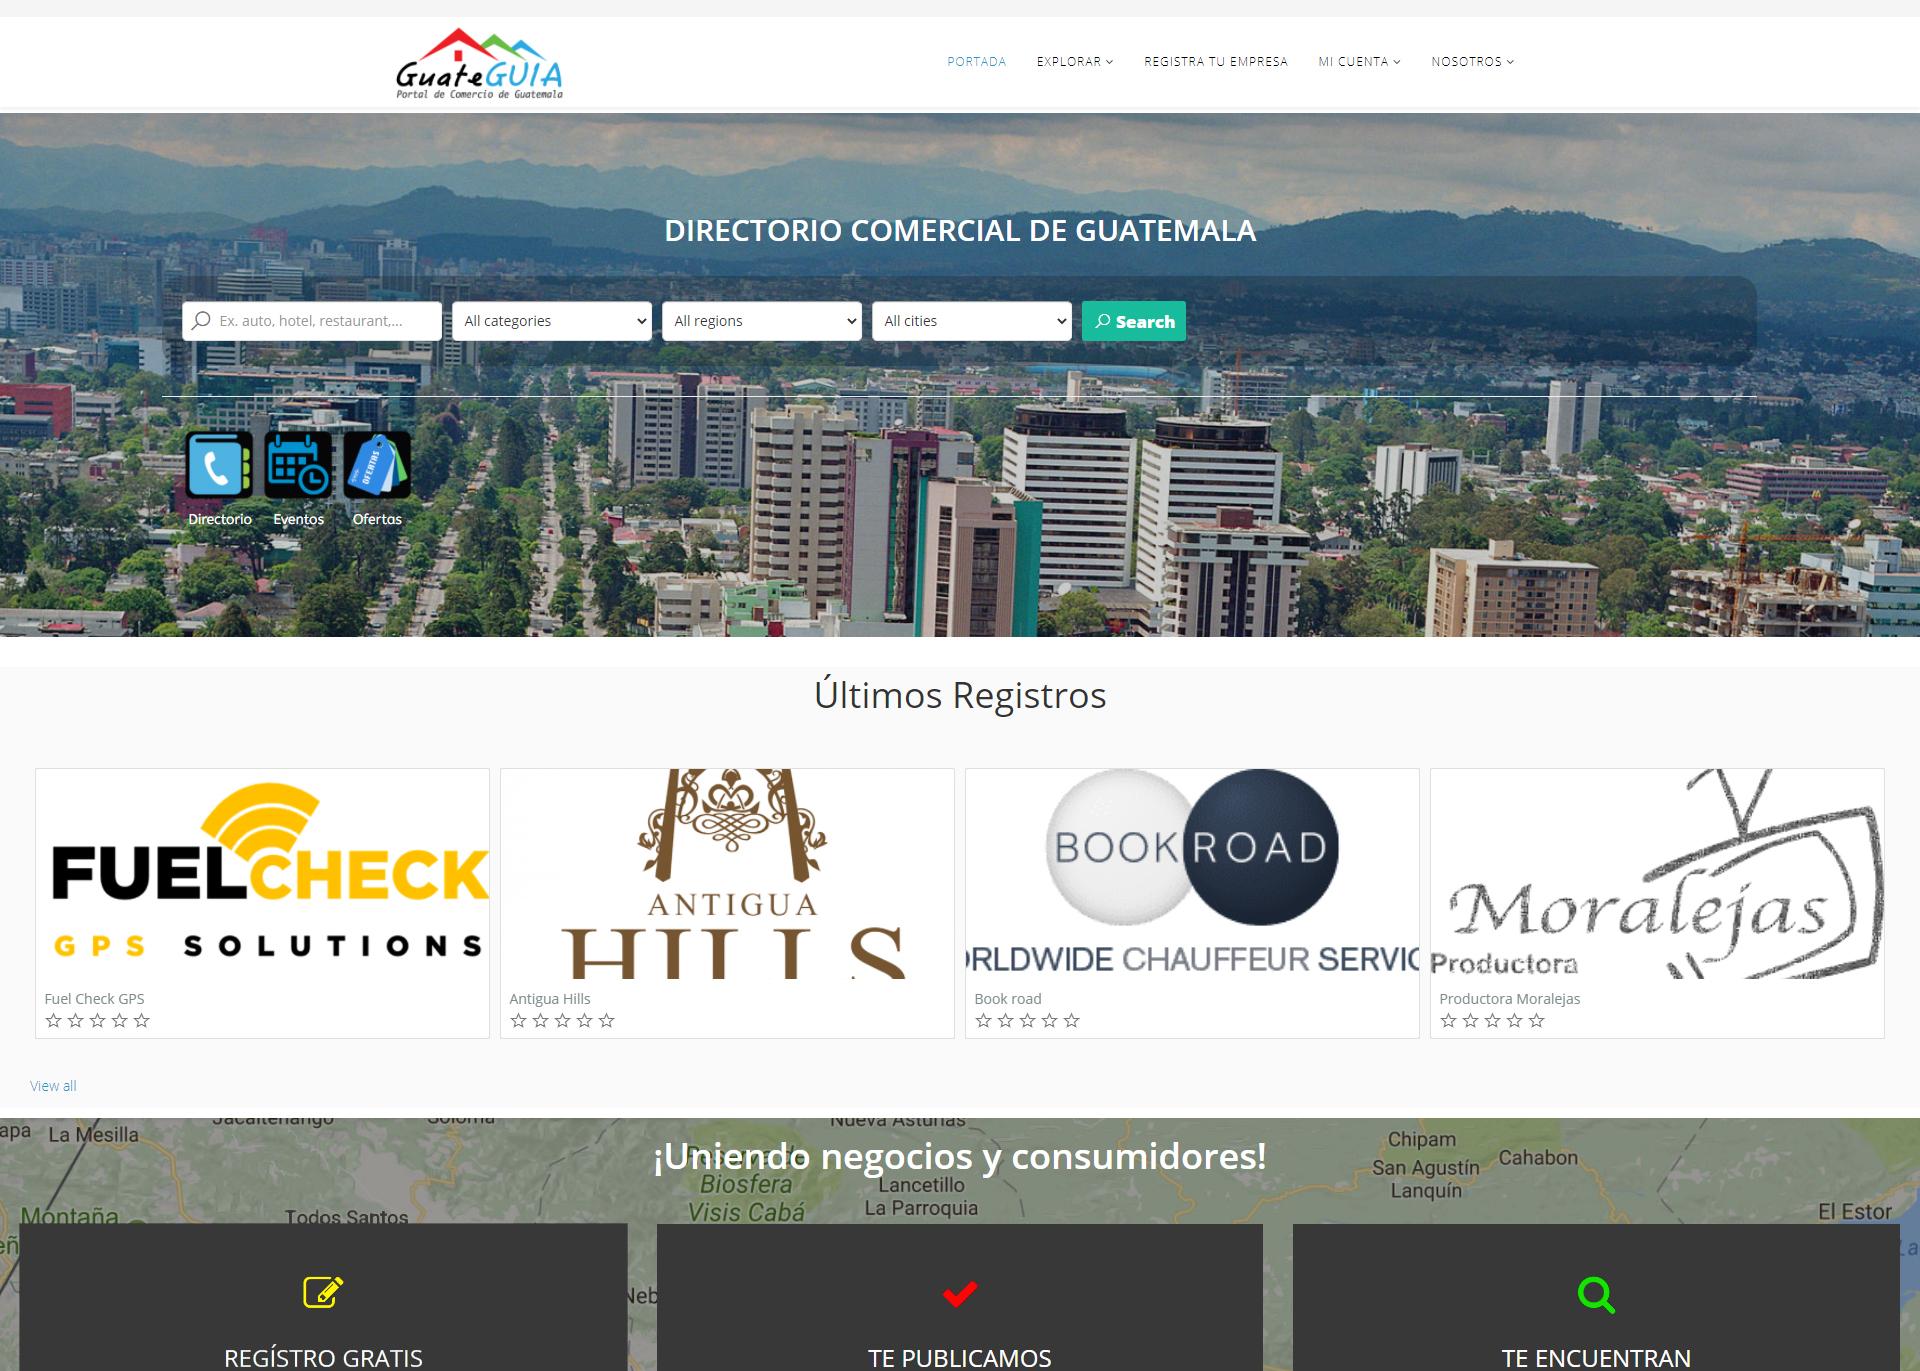 guateguia.com